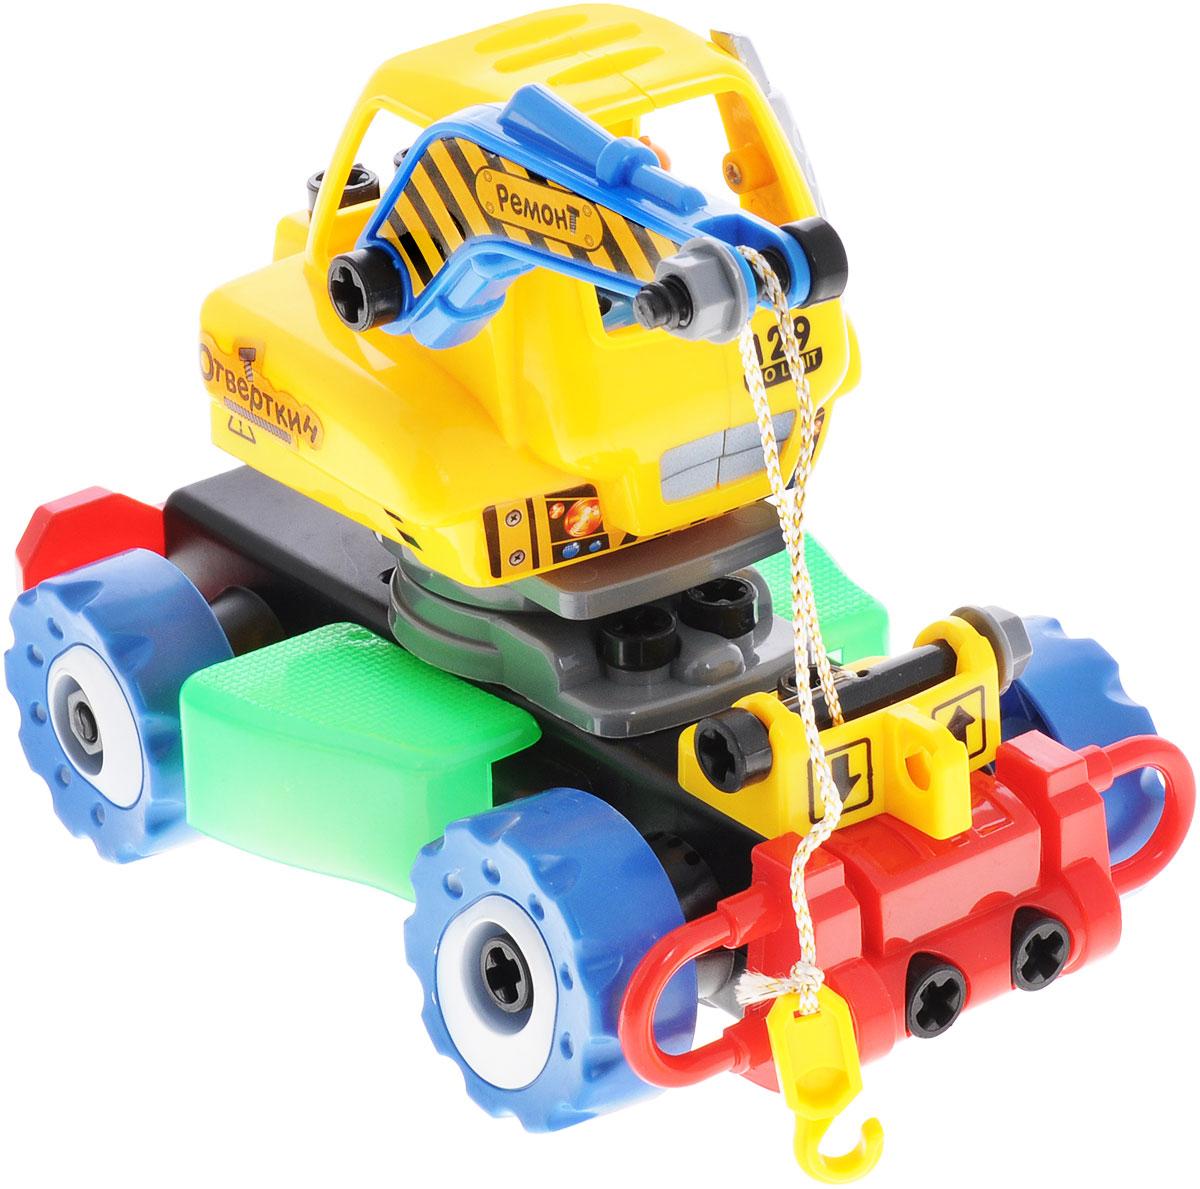 """Машинка-конструктор на радиоуправлении Zhorya """"Отверткин"""" - это детская пластиковая машина-конструктор, которую ребенок самостоятельно сможет собрать, ведь все детали крупные и абсолютно безопасны для детей. В результате сборки получится не просто интересная игрушка, а настоящий автокран на радиоуправлении со световыми и звуковыми эффектами. В комплекте с машиной идет пульт управления, отвертка и фигурка человечка. Для работы игрушки необходимы 4 батарейки типа АА (не входят в комплект). Для работы пульта управления необходимы 2 батарейки типа АА (не входят в комплект)."""